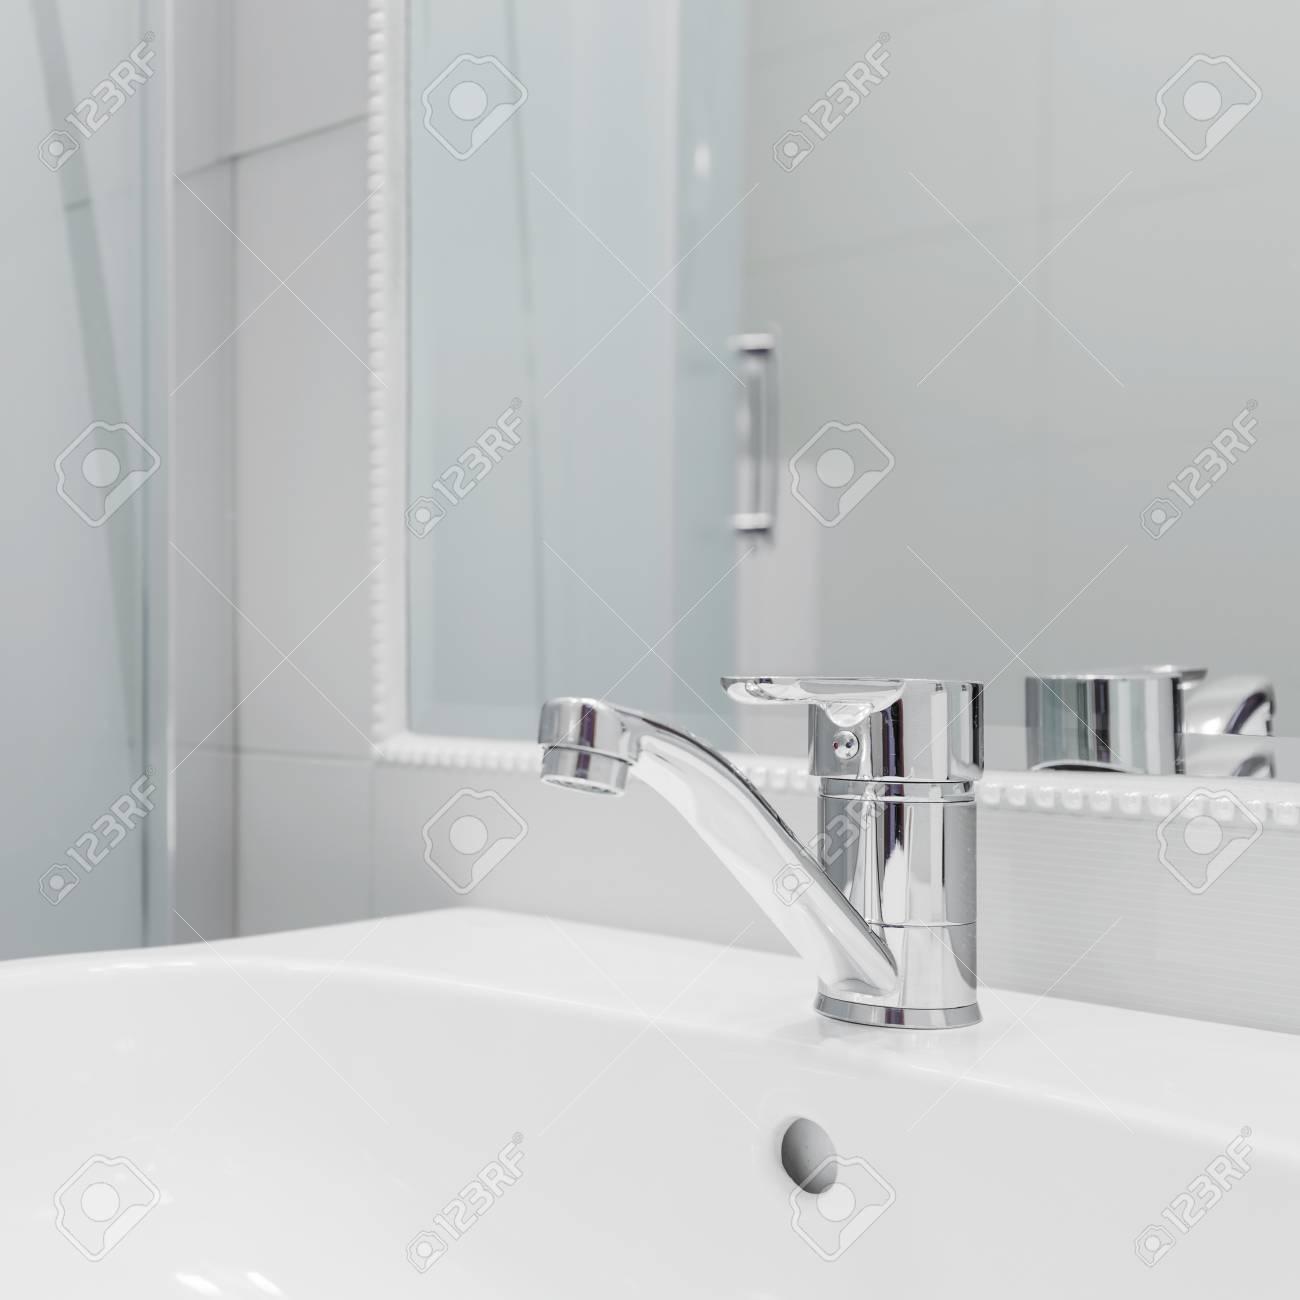 Gros Plan De Lavabo Blanc De Haute Qualité Avec Un Simple Robinet